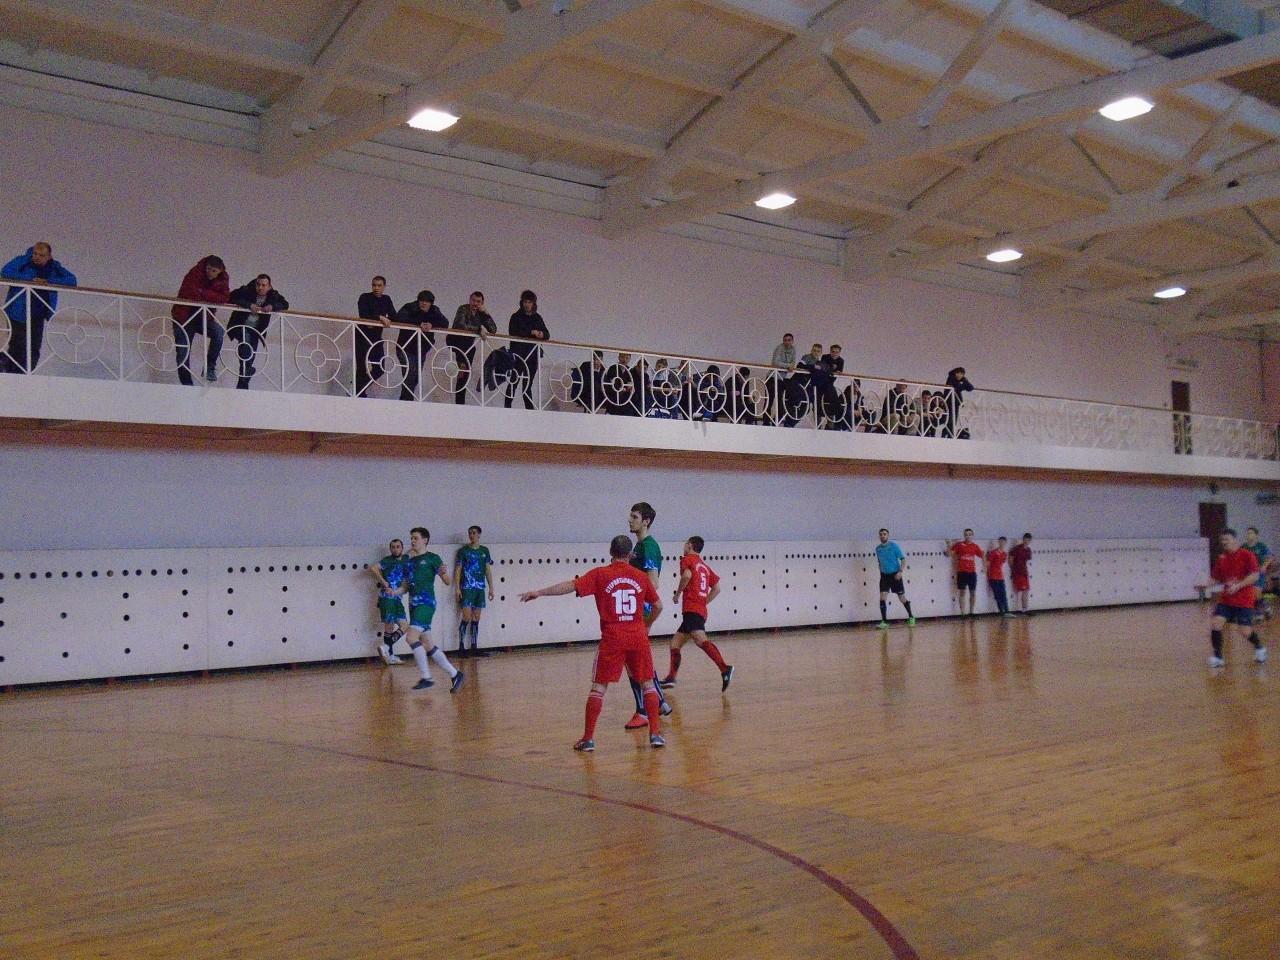 8 марта в пятницу в спортивном зале МАУ СШ «Салават» (Островского, 25) прошёл 2 тур финального этапа открытого Первенства города Салавата по мини-футболу (Вторая лига).